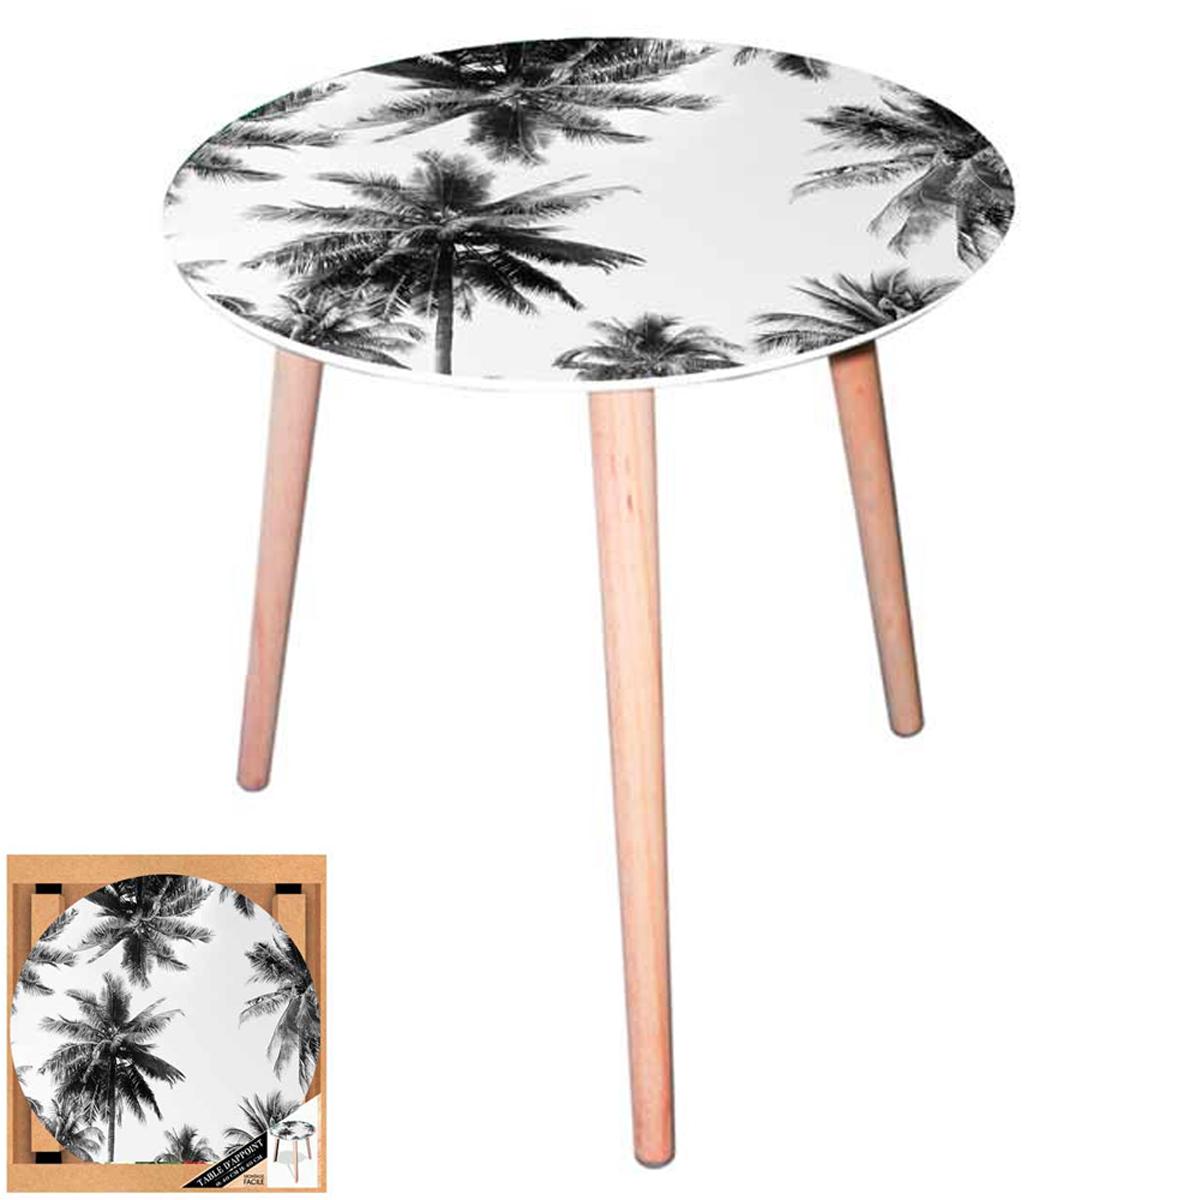 Table ronde verre \'Palmiers\' noir blanc - 40 cm - [A0744]